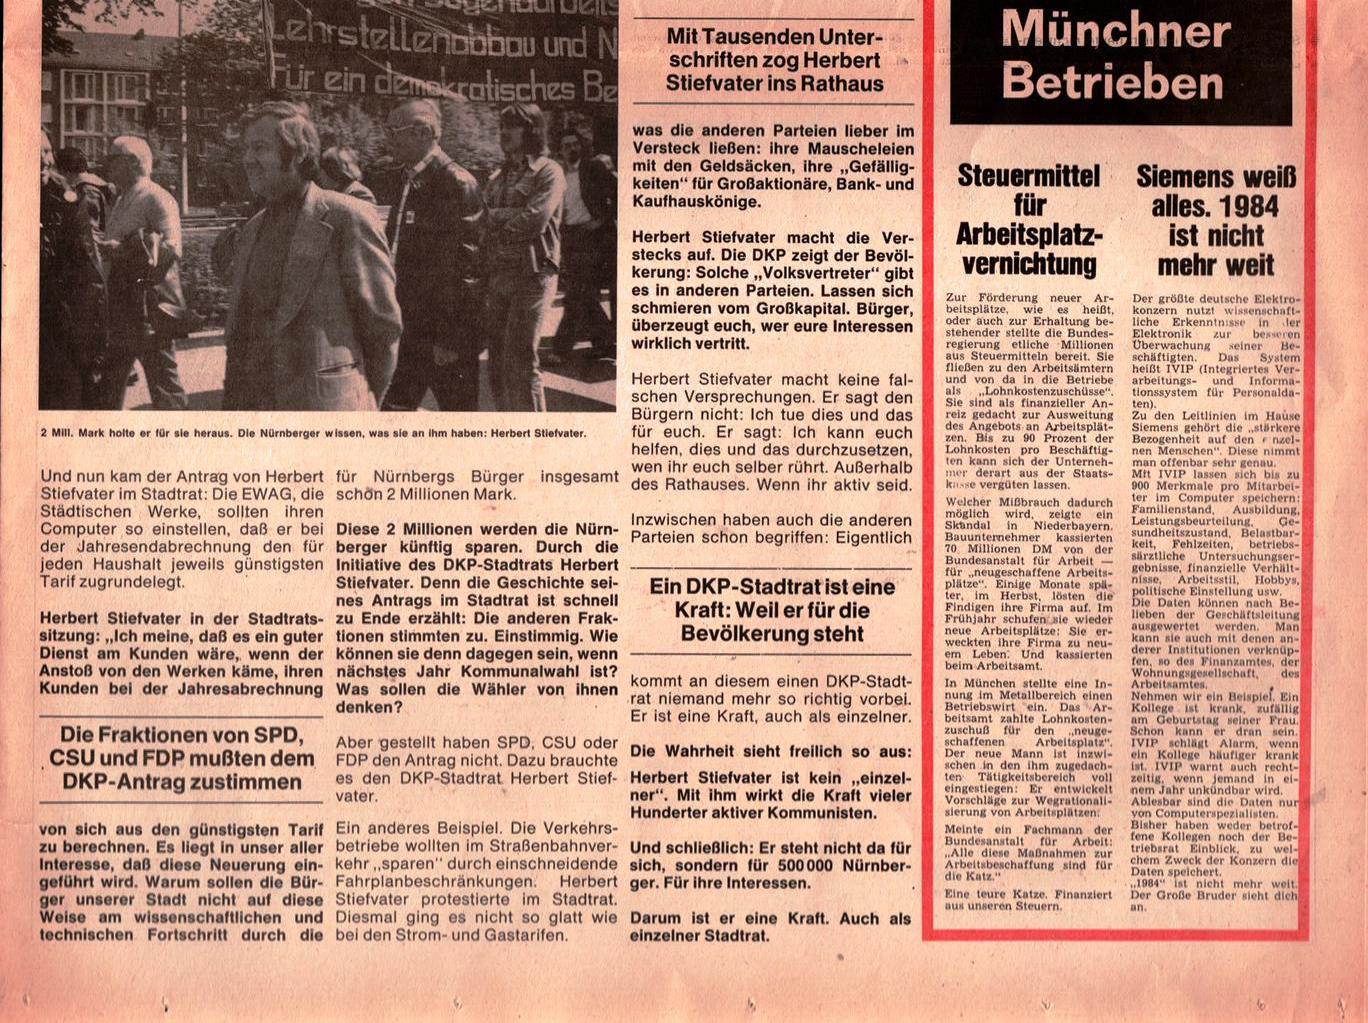 Muenchen_DKP_Neues_Muenchen_19770800_008_006